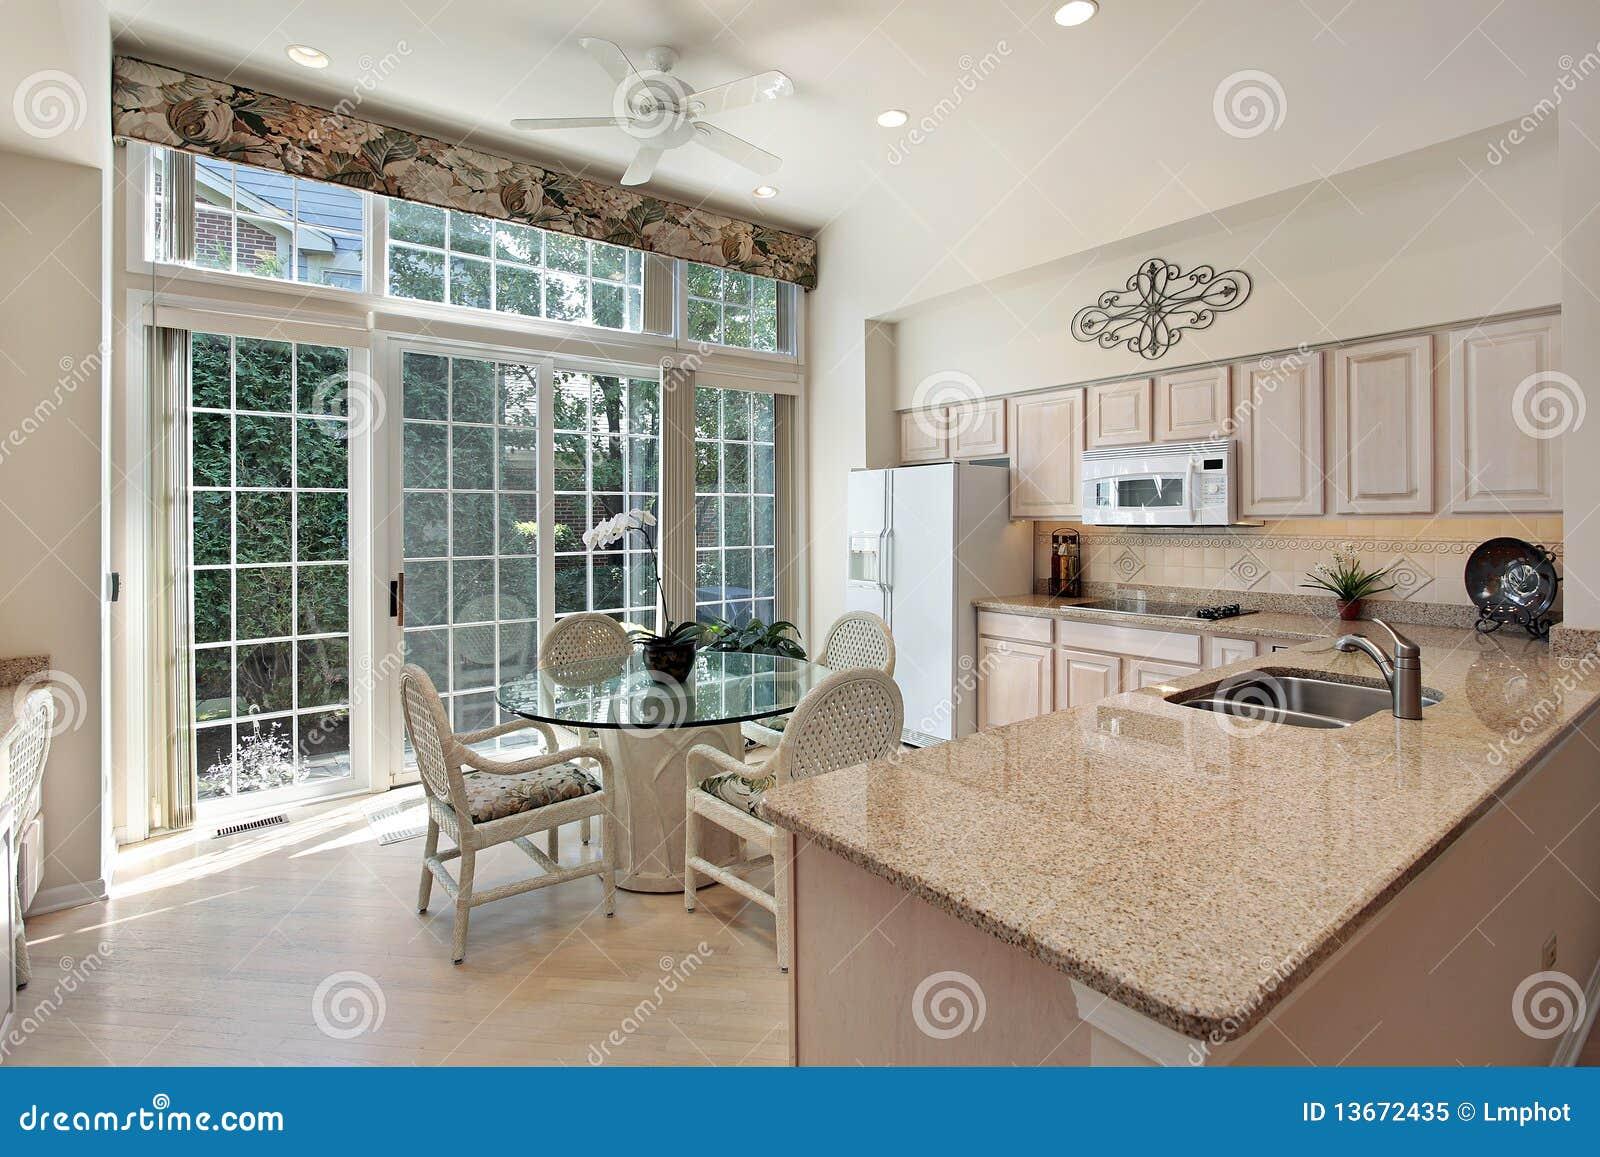 Keuken Met Schuifdeuren.Keuken Met Schuifdeuren Aan Terras Stock Afbeelding Afbeelding